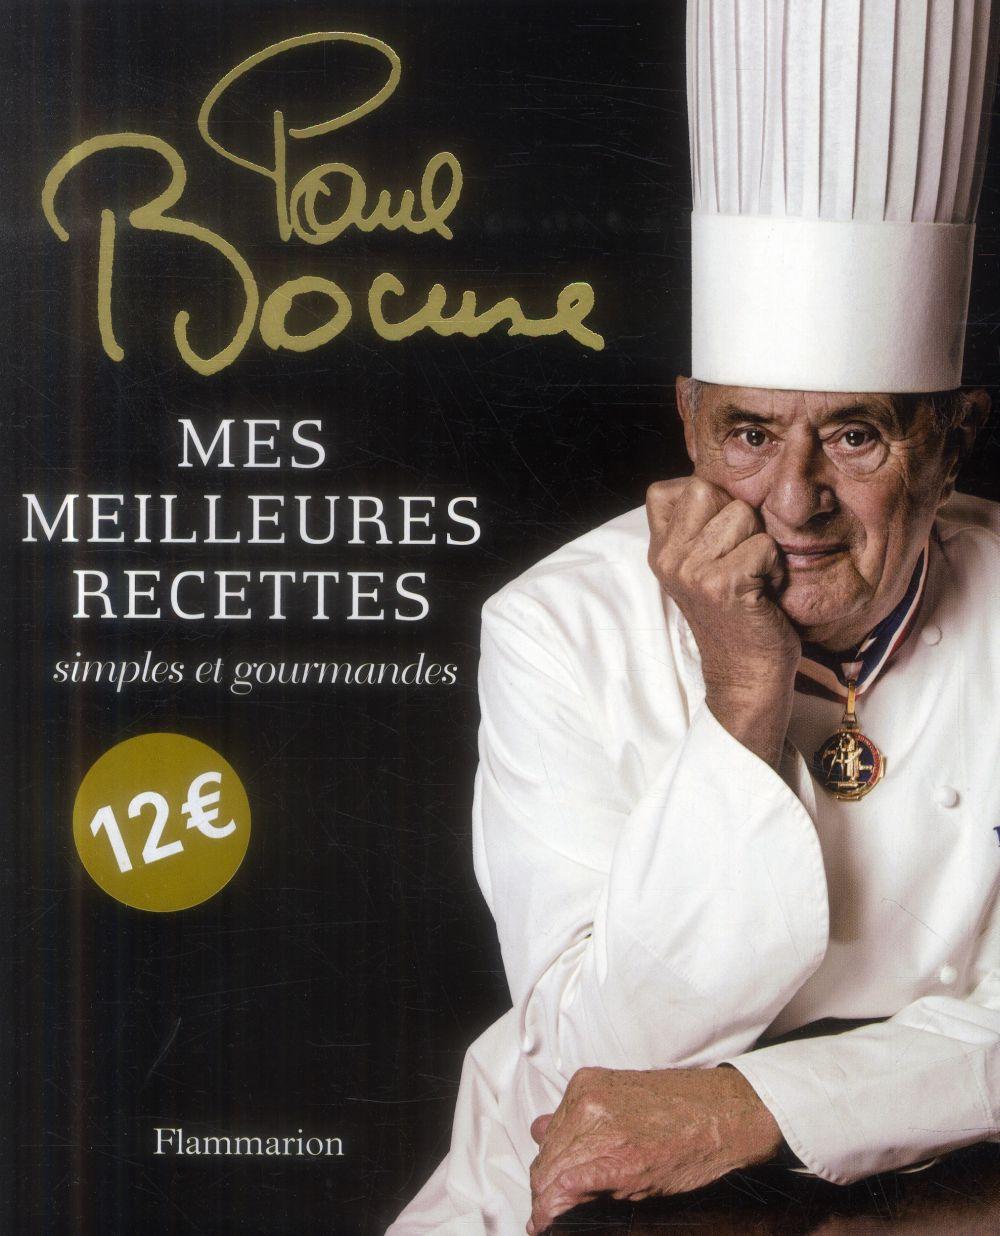 MES MEILLEURES RECETTES - SIMP BOCUSE PAUL Flammarion